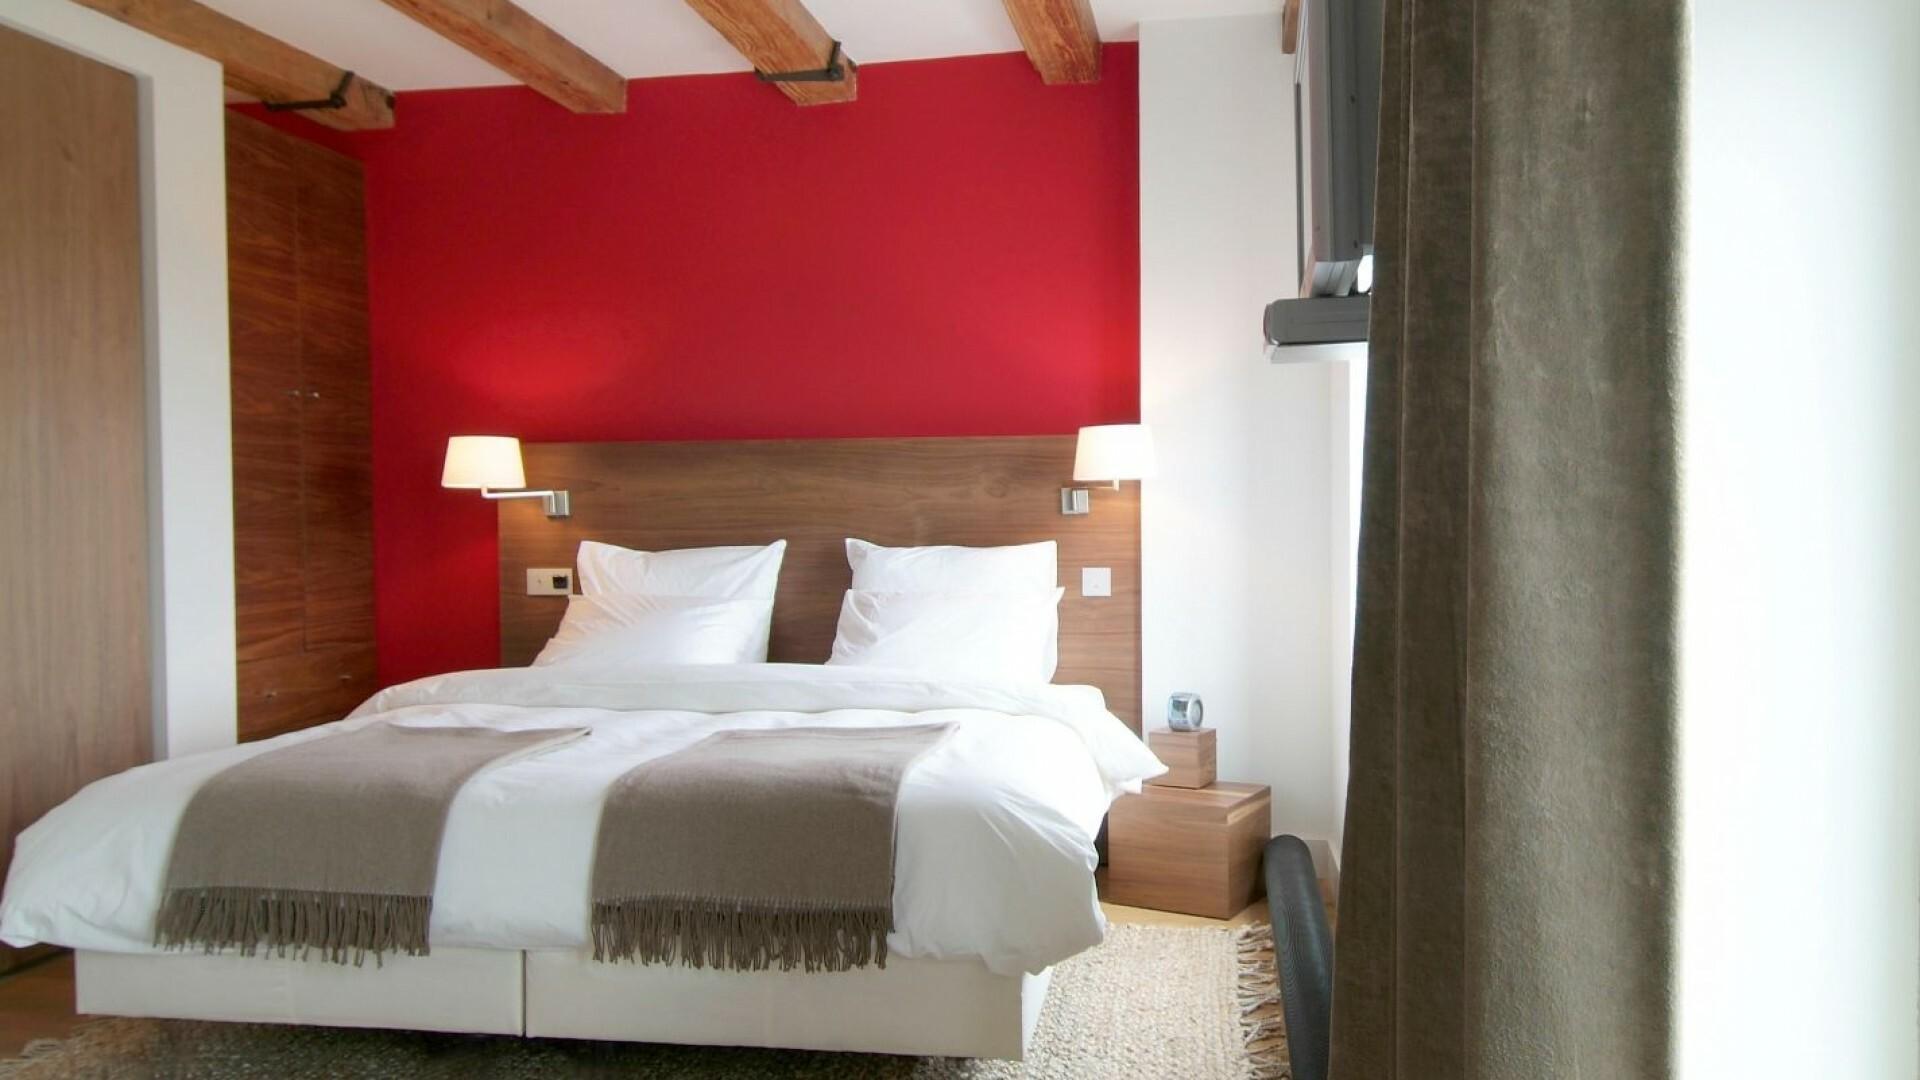 Design Hotel Texel Suites Oudeschild VVV Texel